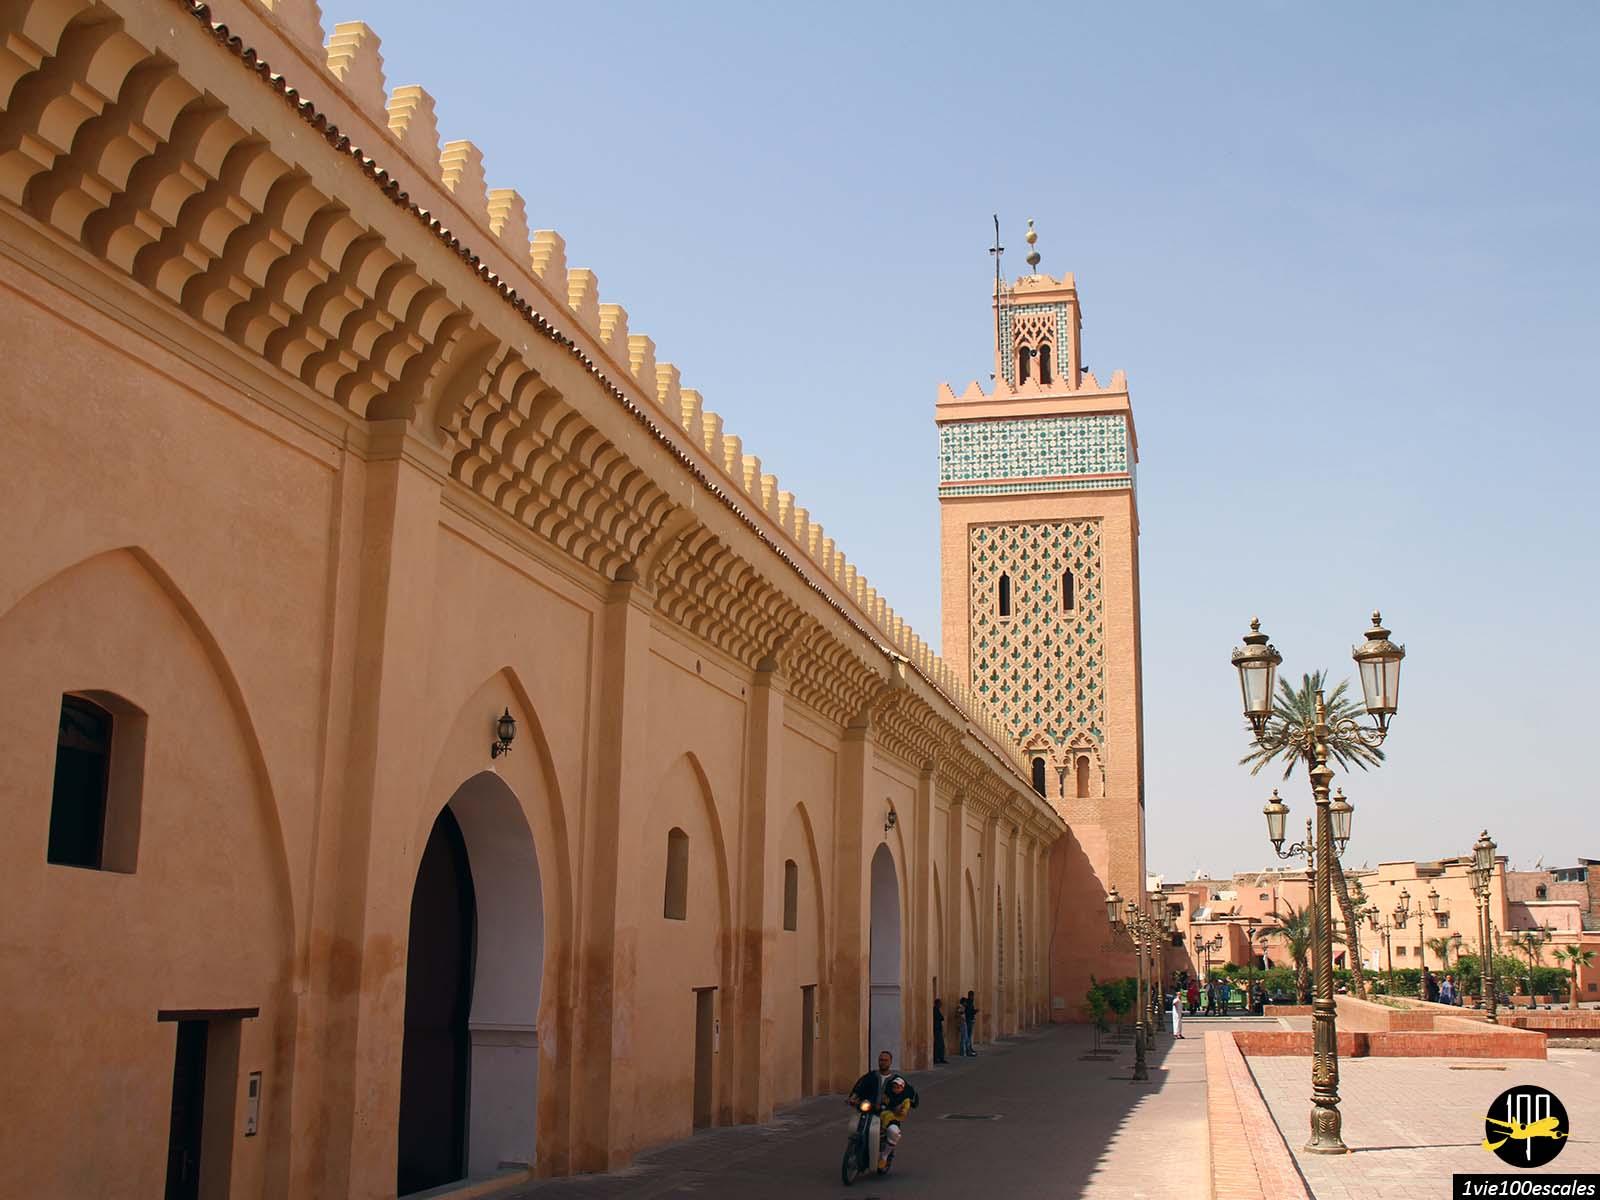 Escale #091 Marrakech